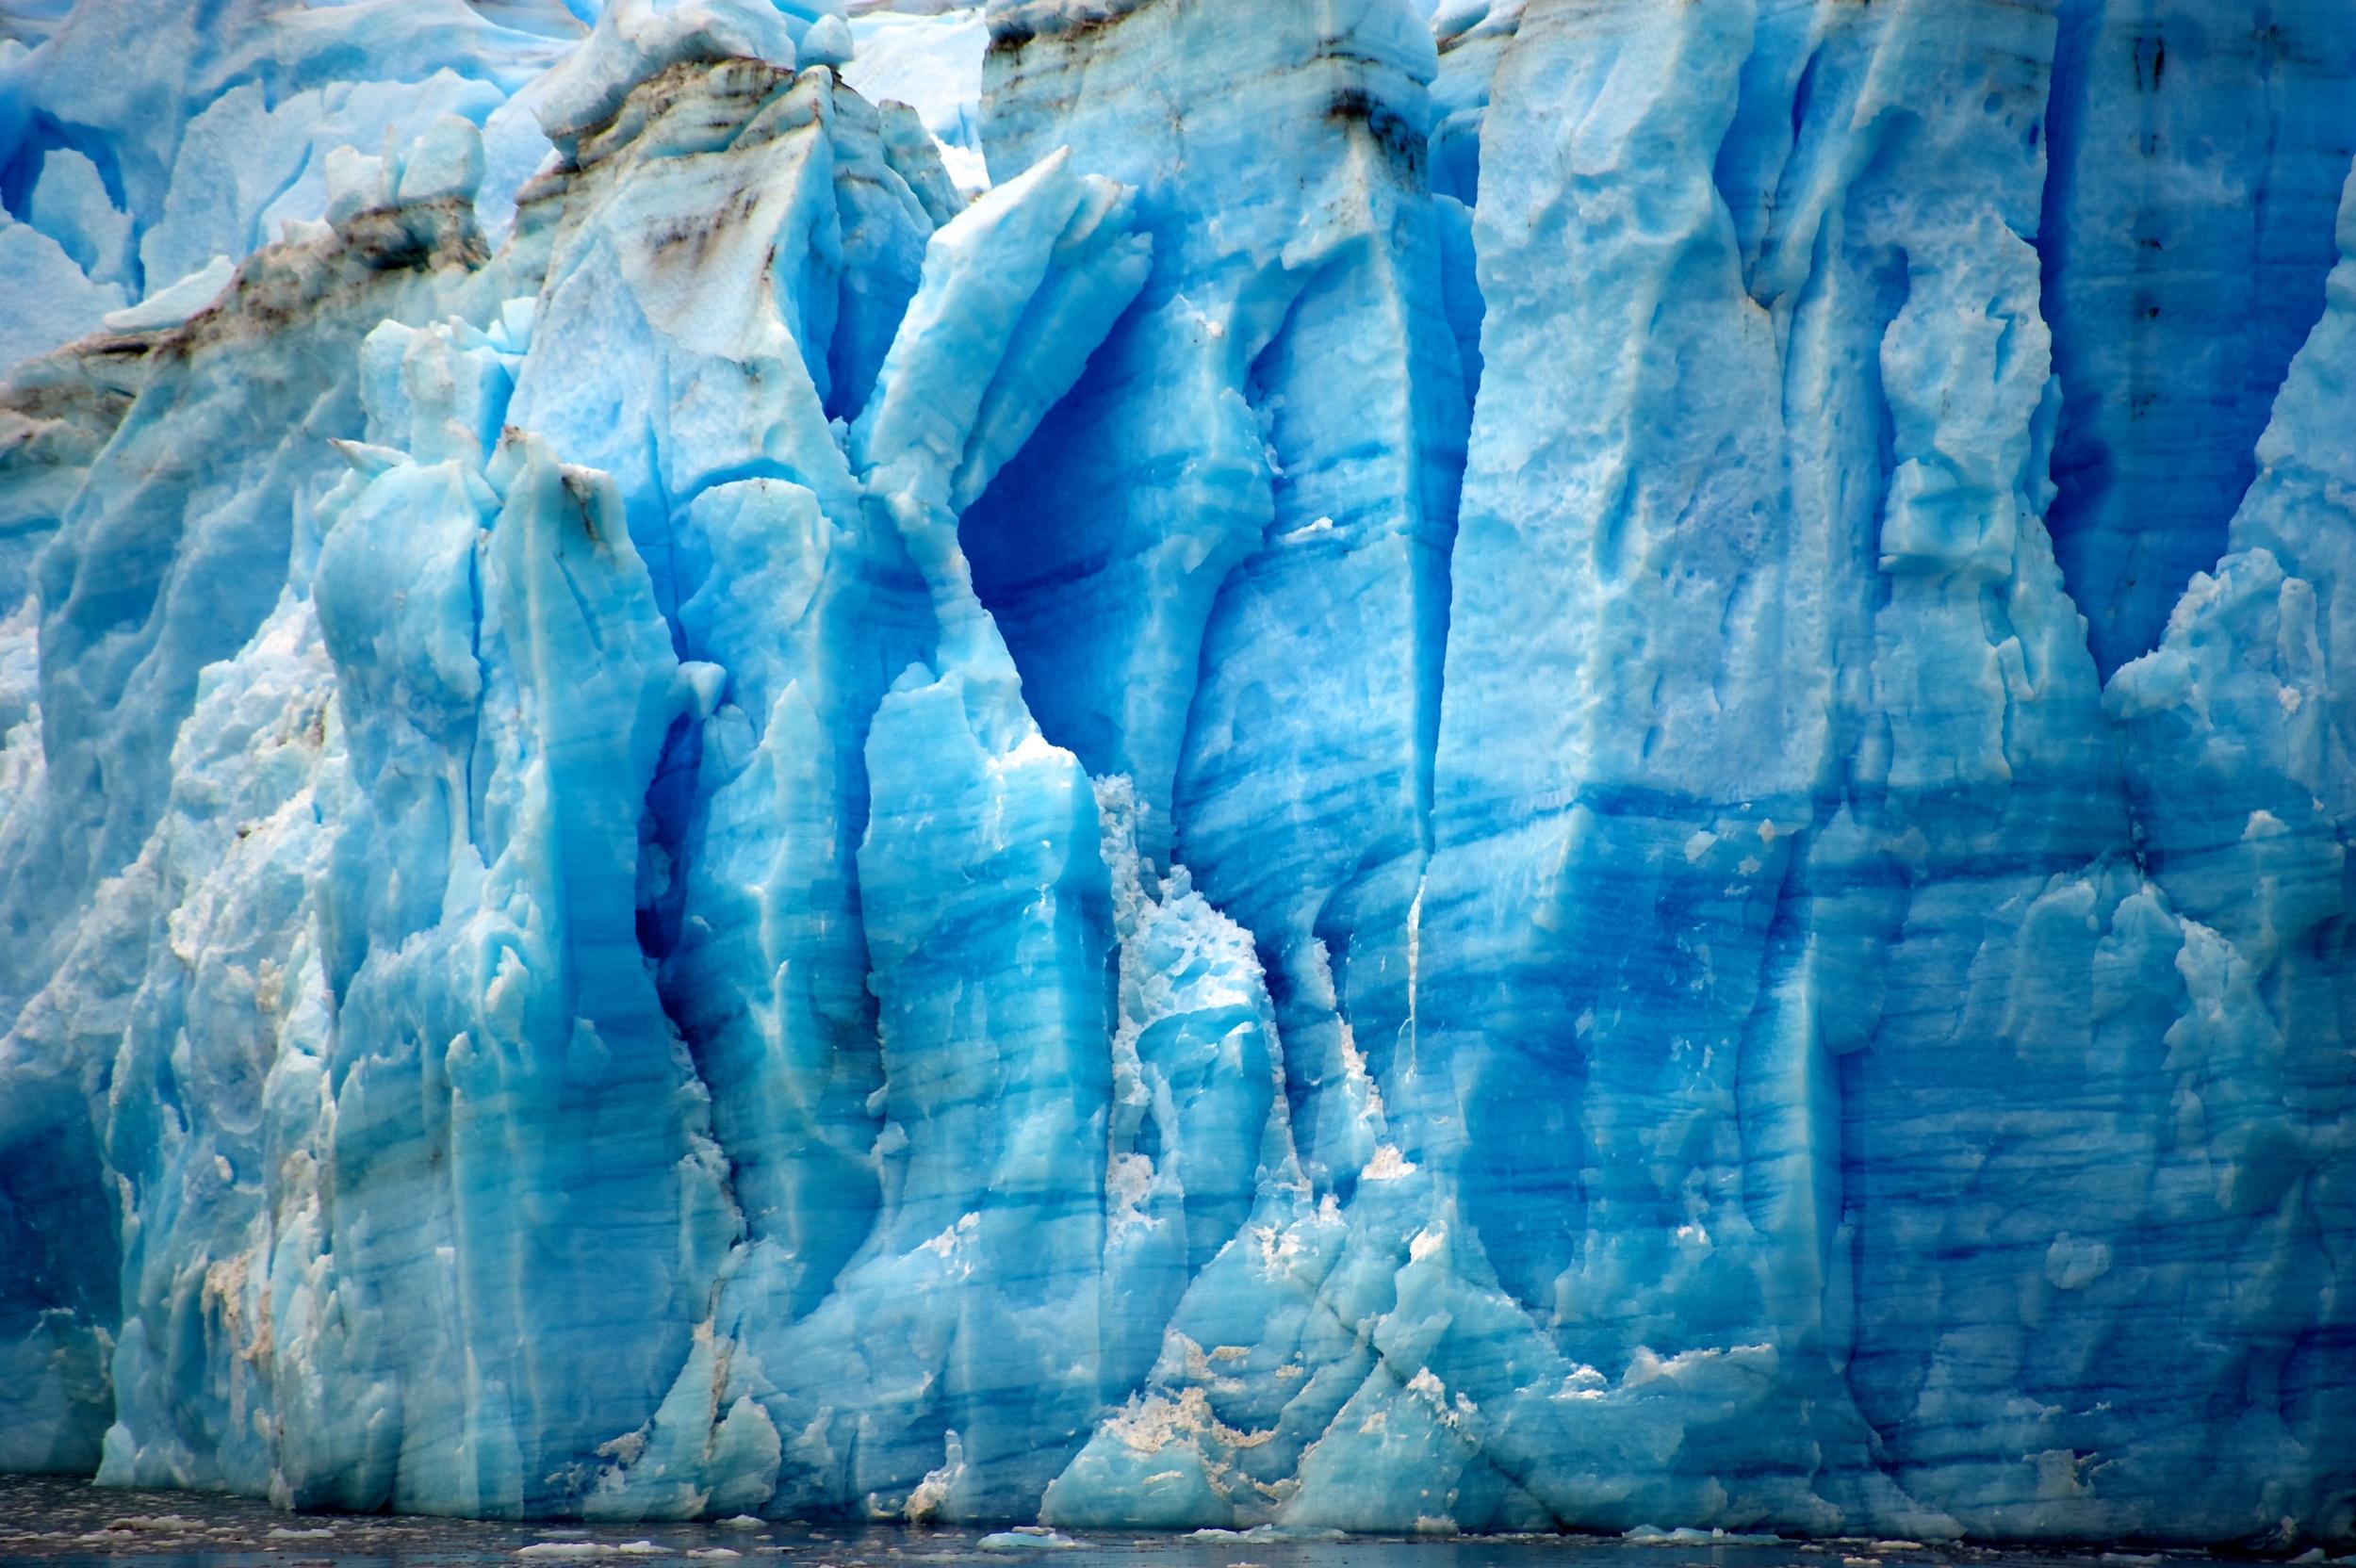 Pio X1 Glacier #8, Patagonia, Chile, 1 Apr 2012